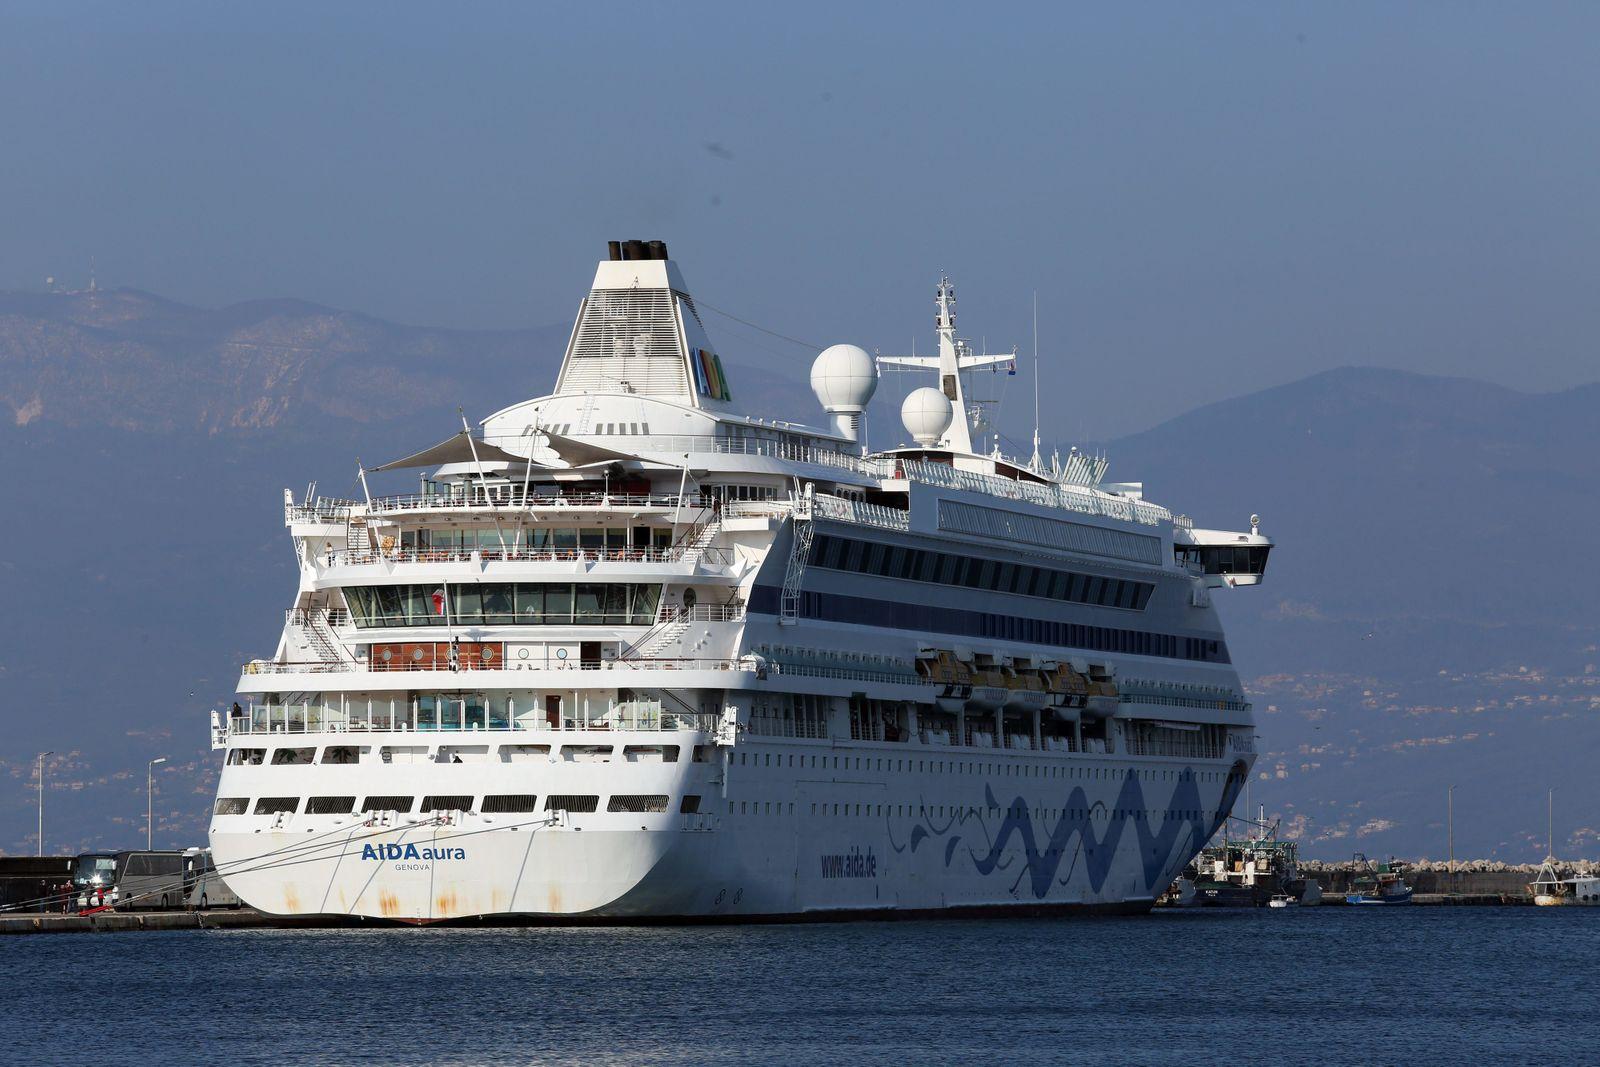 Aida Aura cruise ship - Rijeka, Croatia